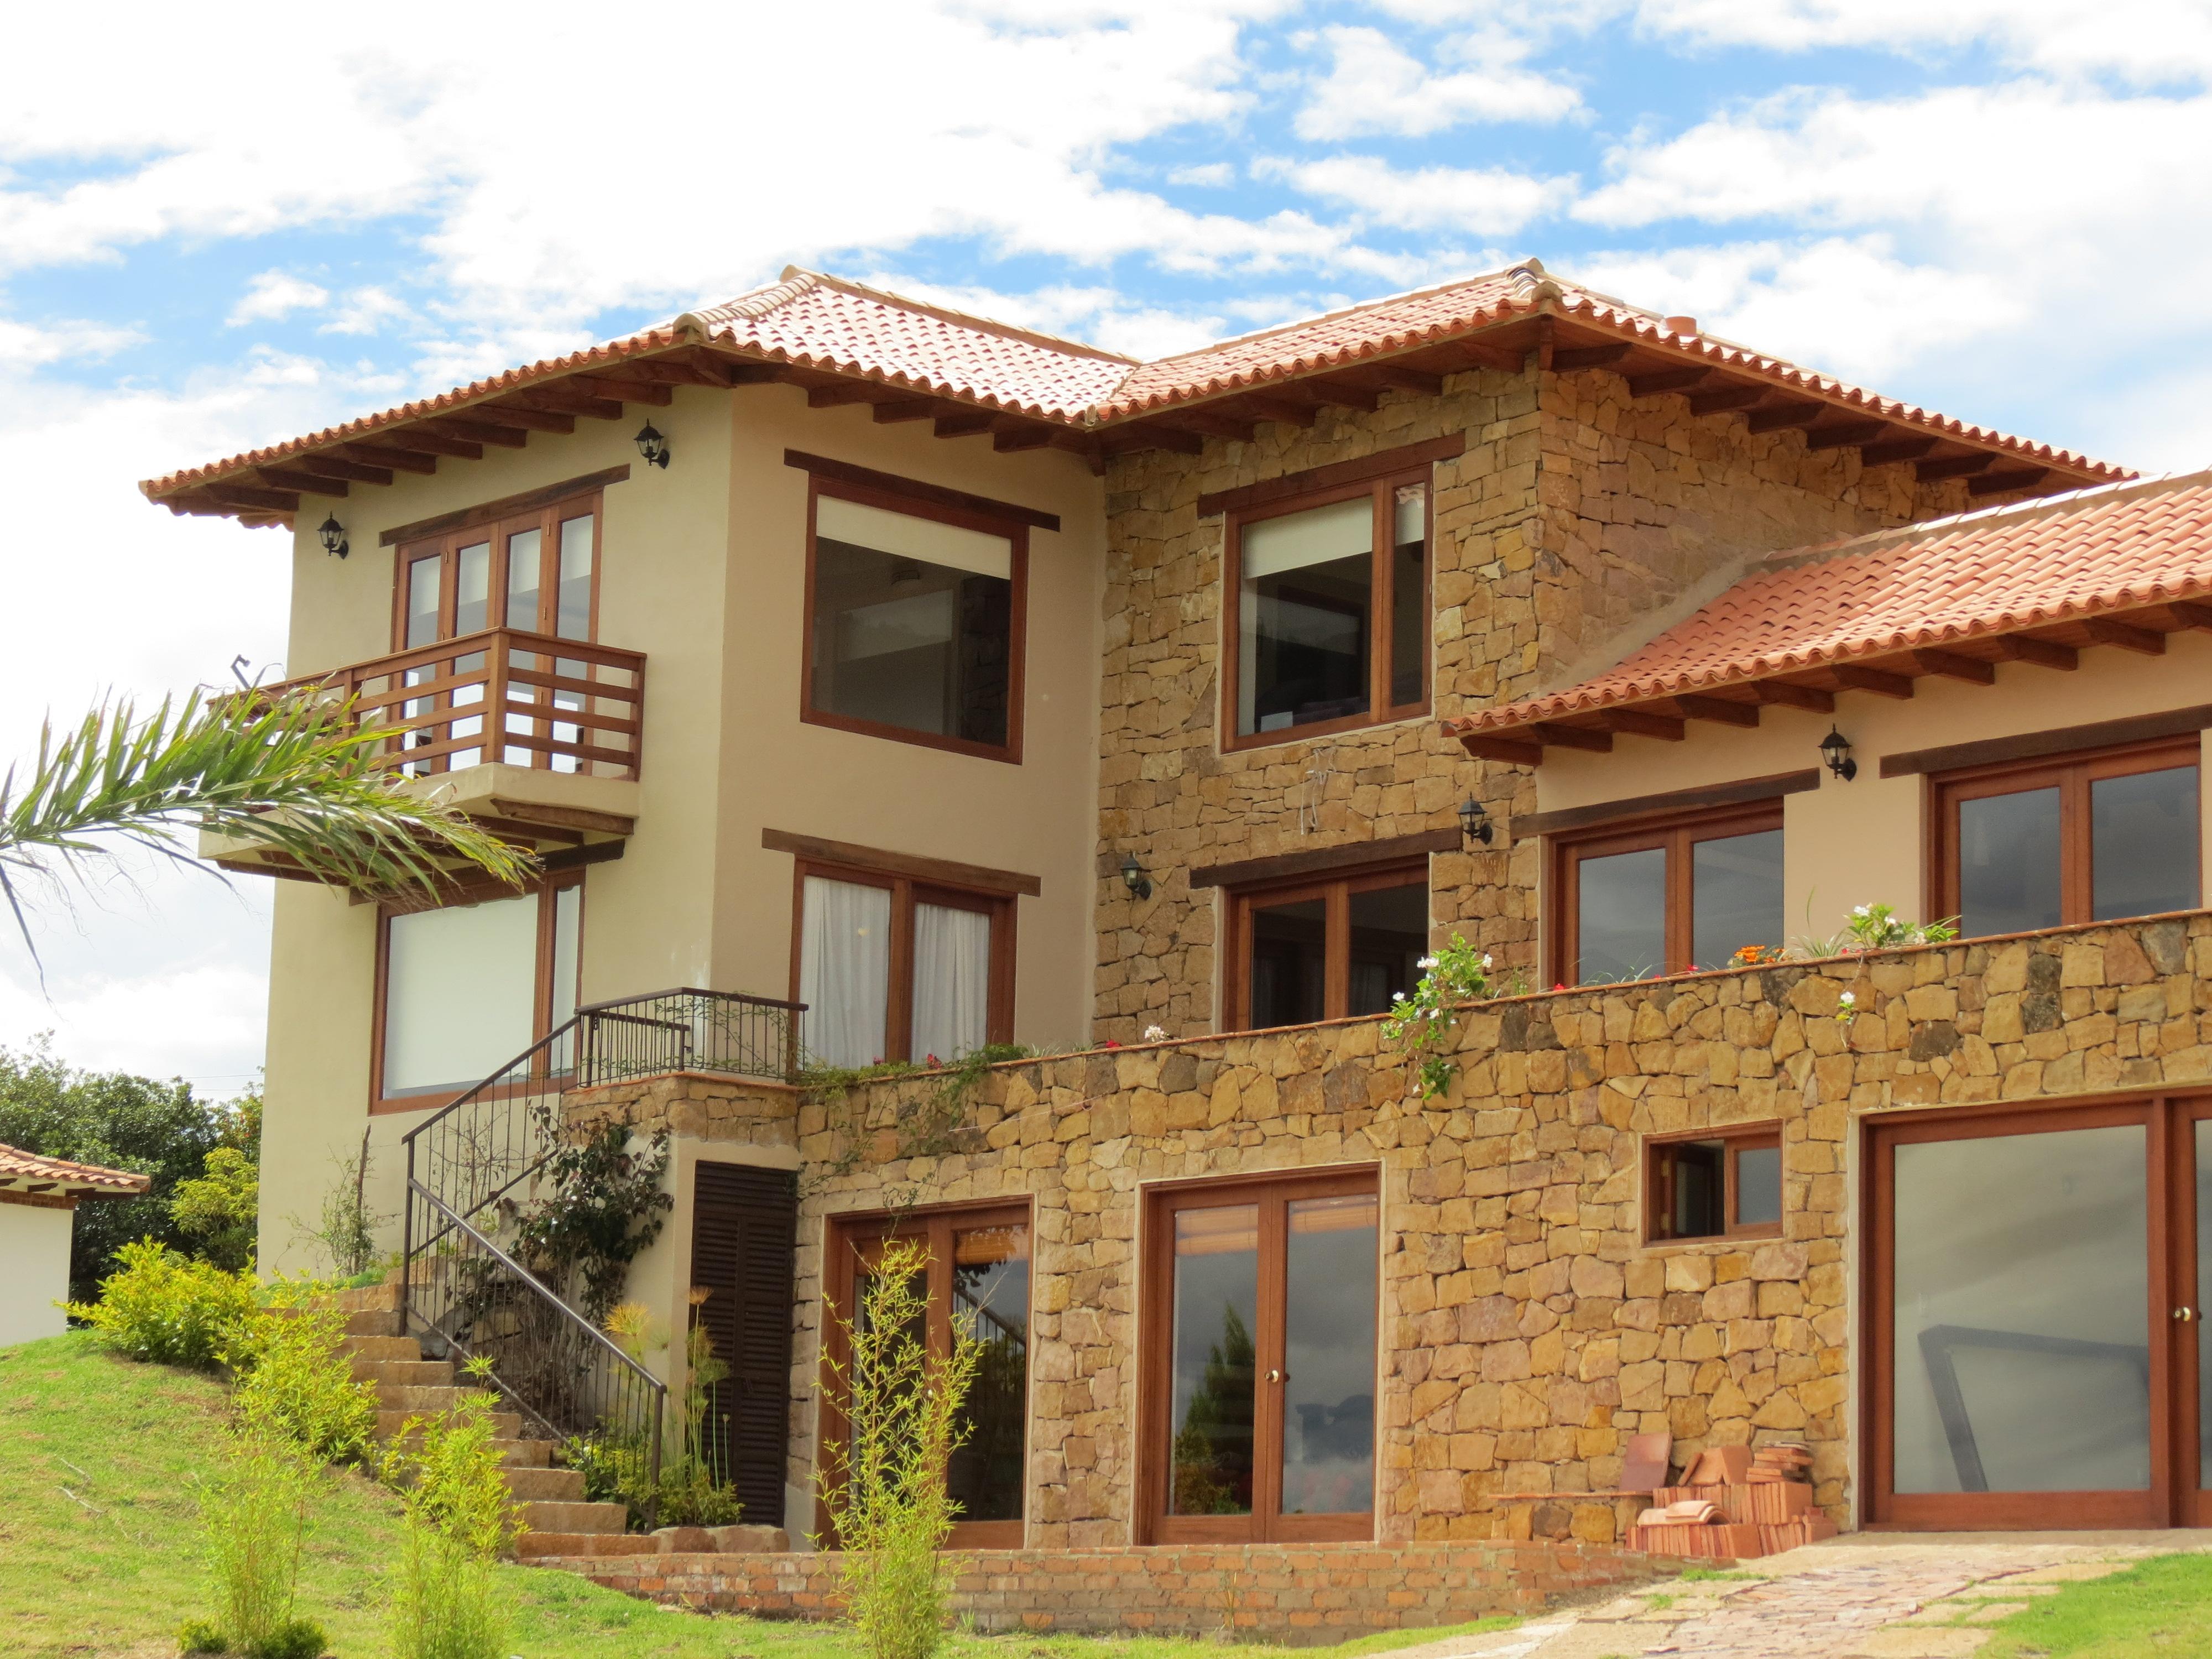 Caba as villa de leyva alquiler casas villa de leyva for Villa de casas